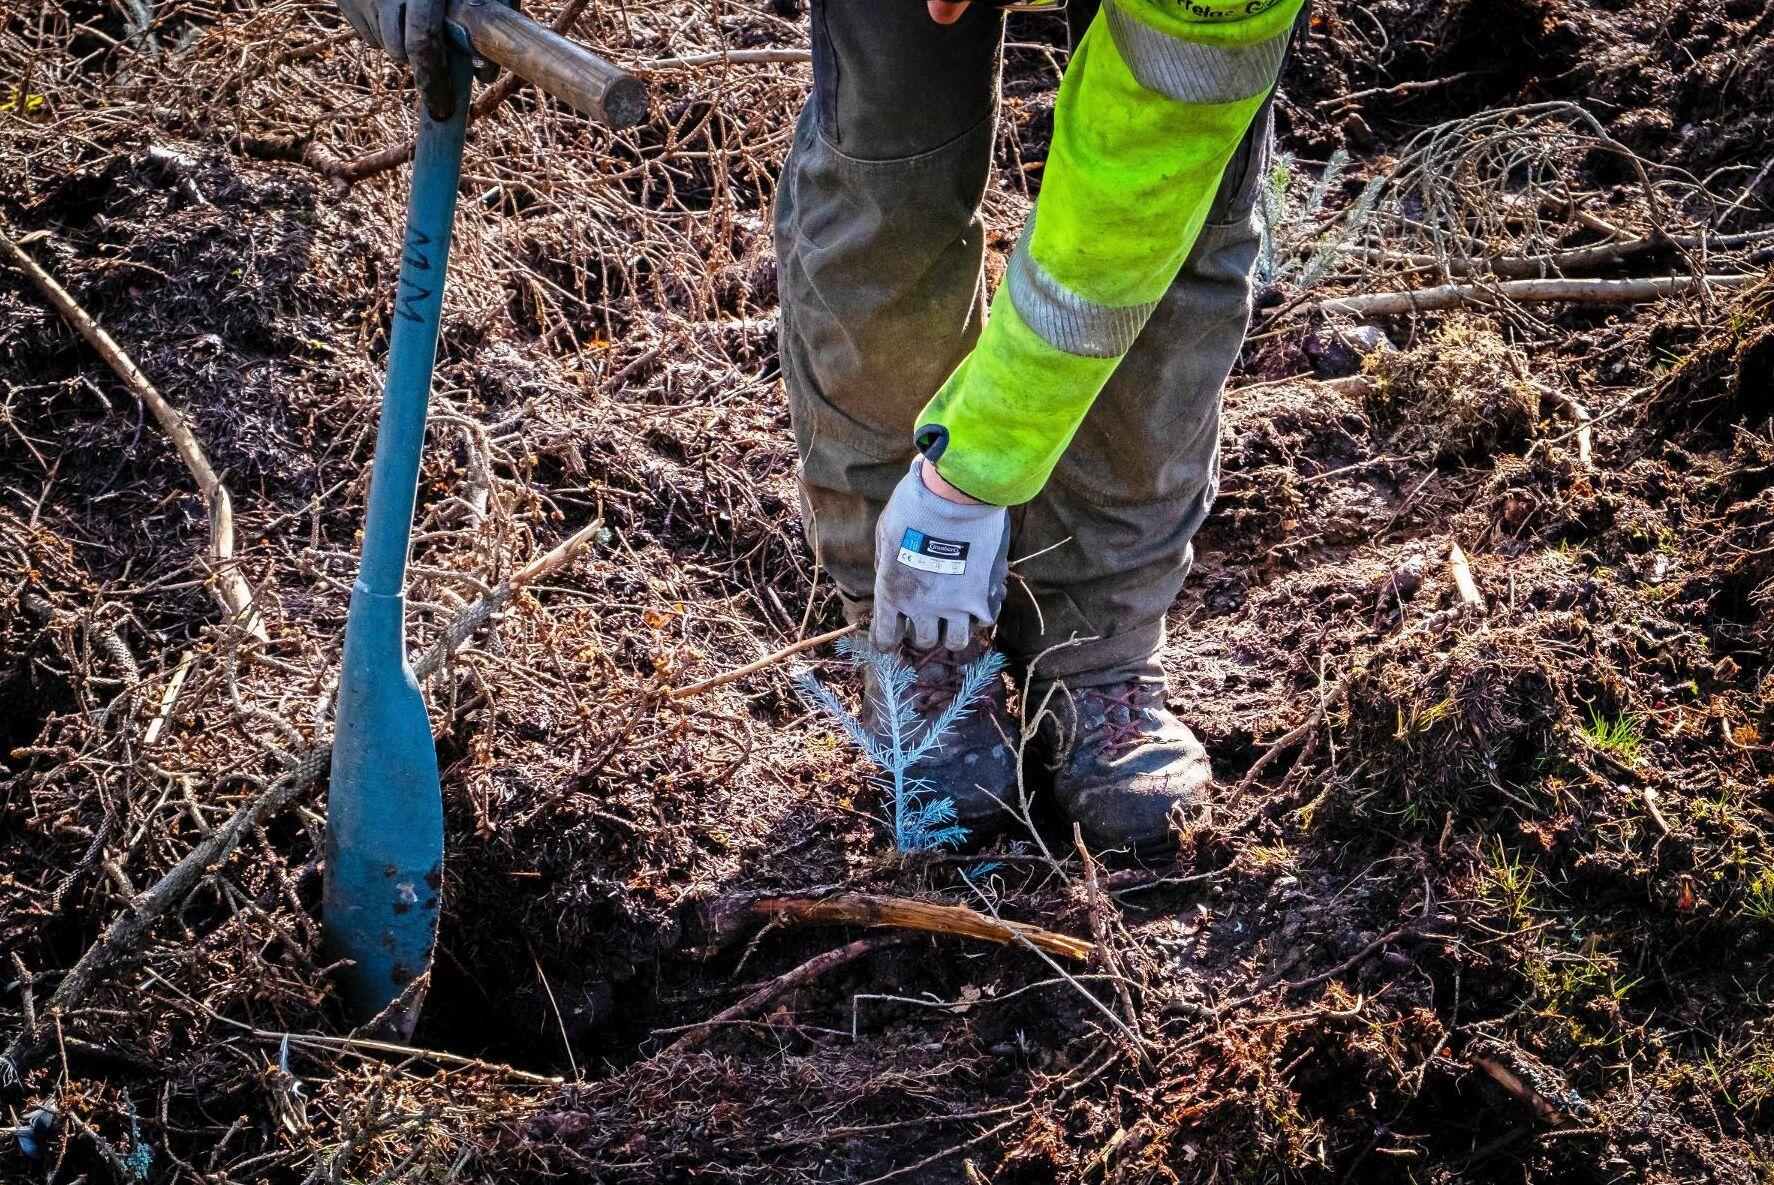 Omkring 350 miljoner plantor per säsong sätts normalt i Sverige. Hur många det blir i år vill ingen sia om.